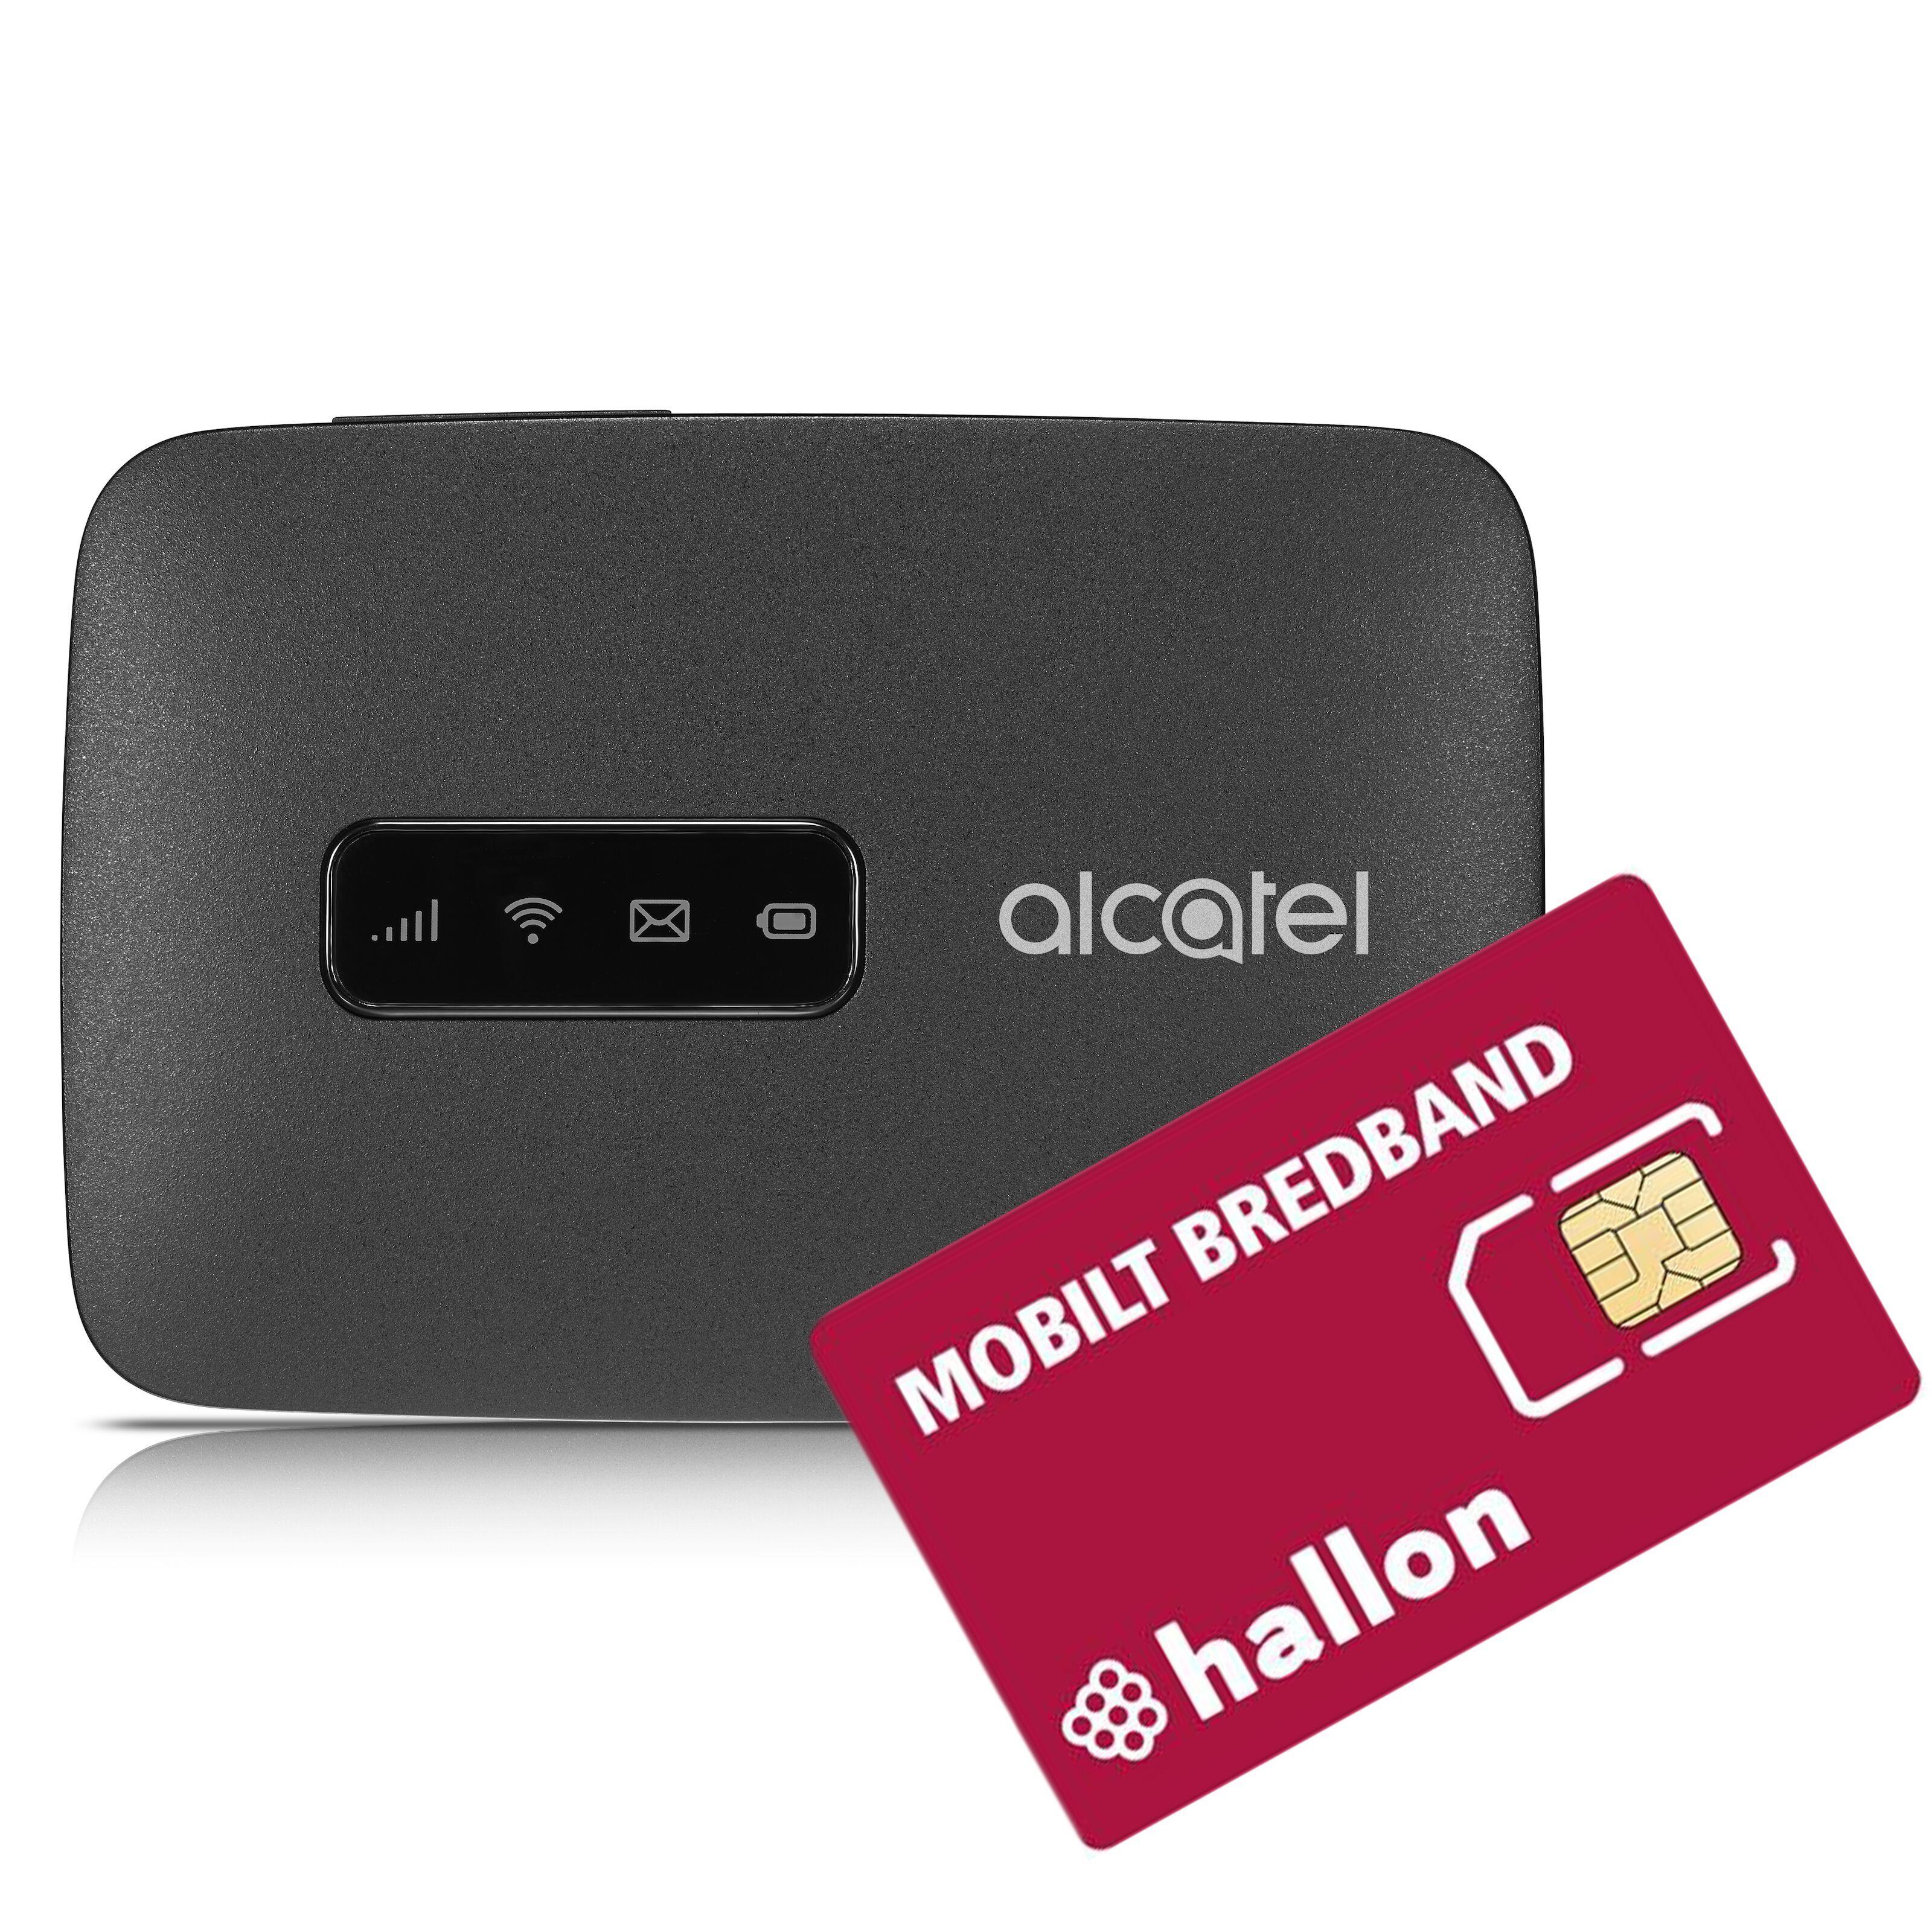 mobilt internet kontantkort